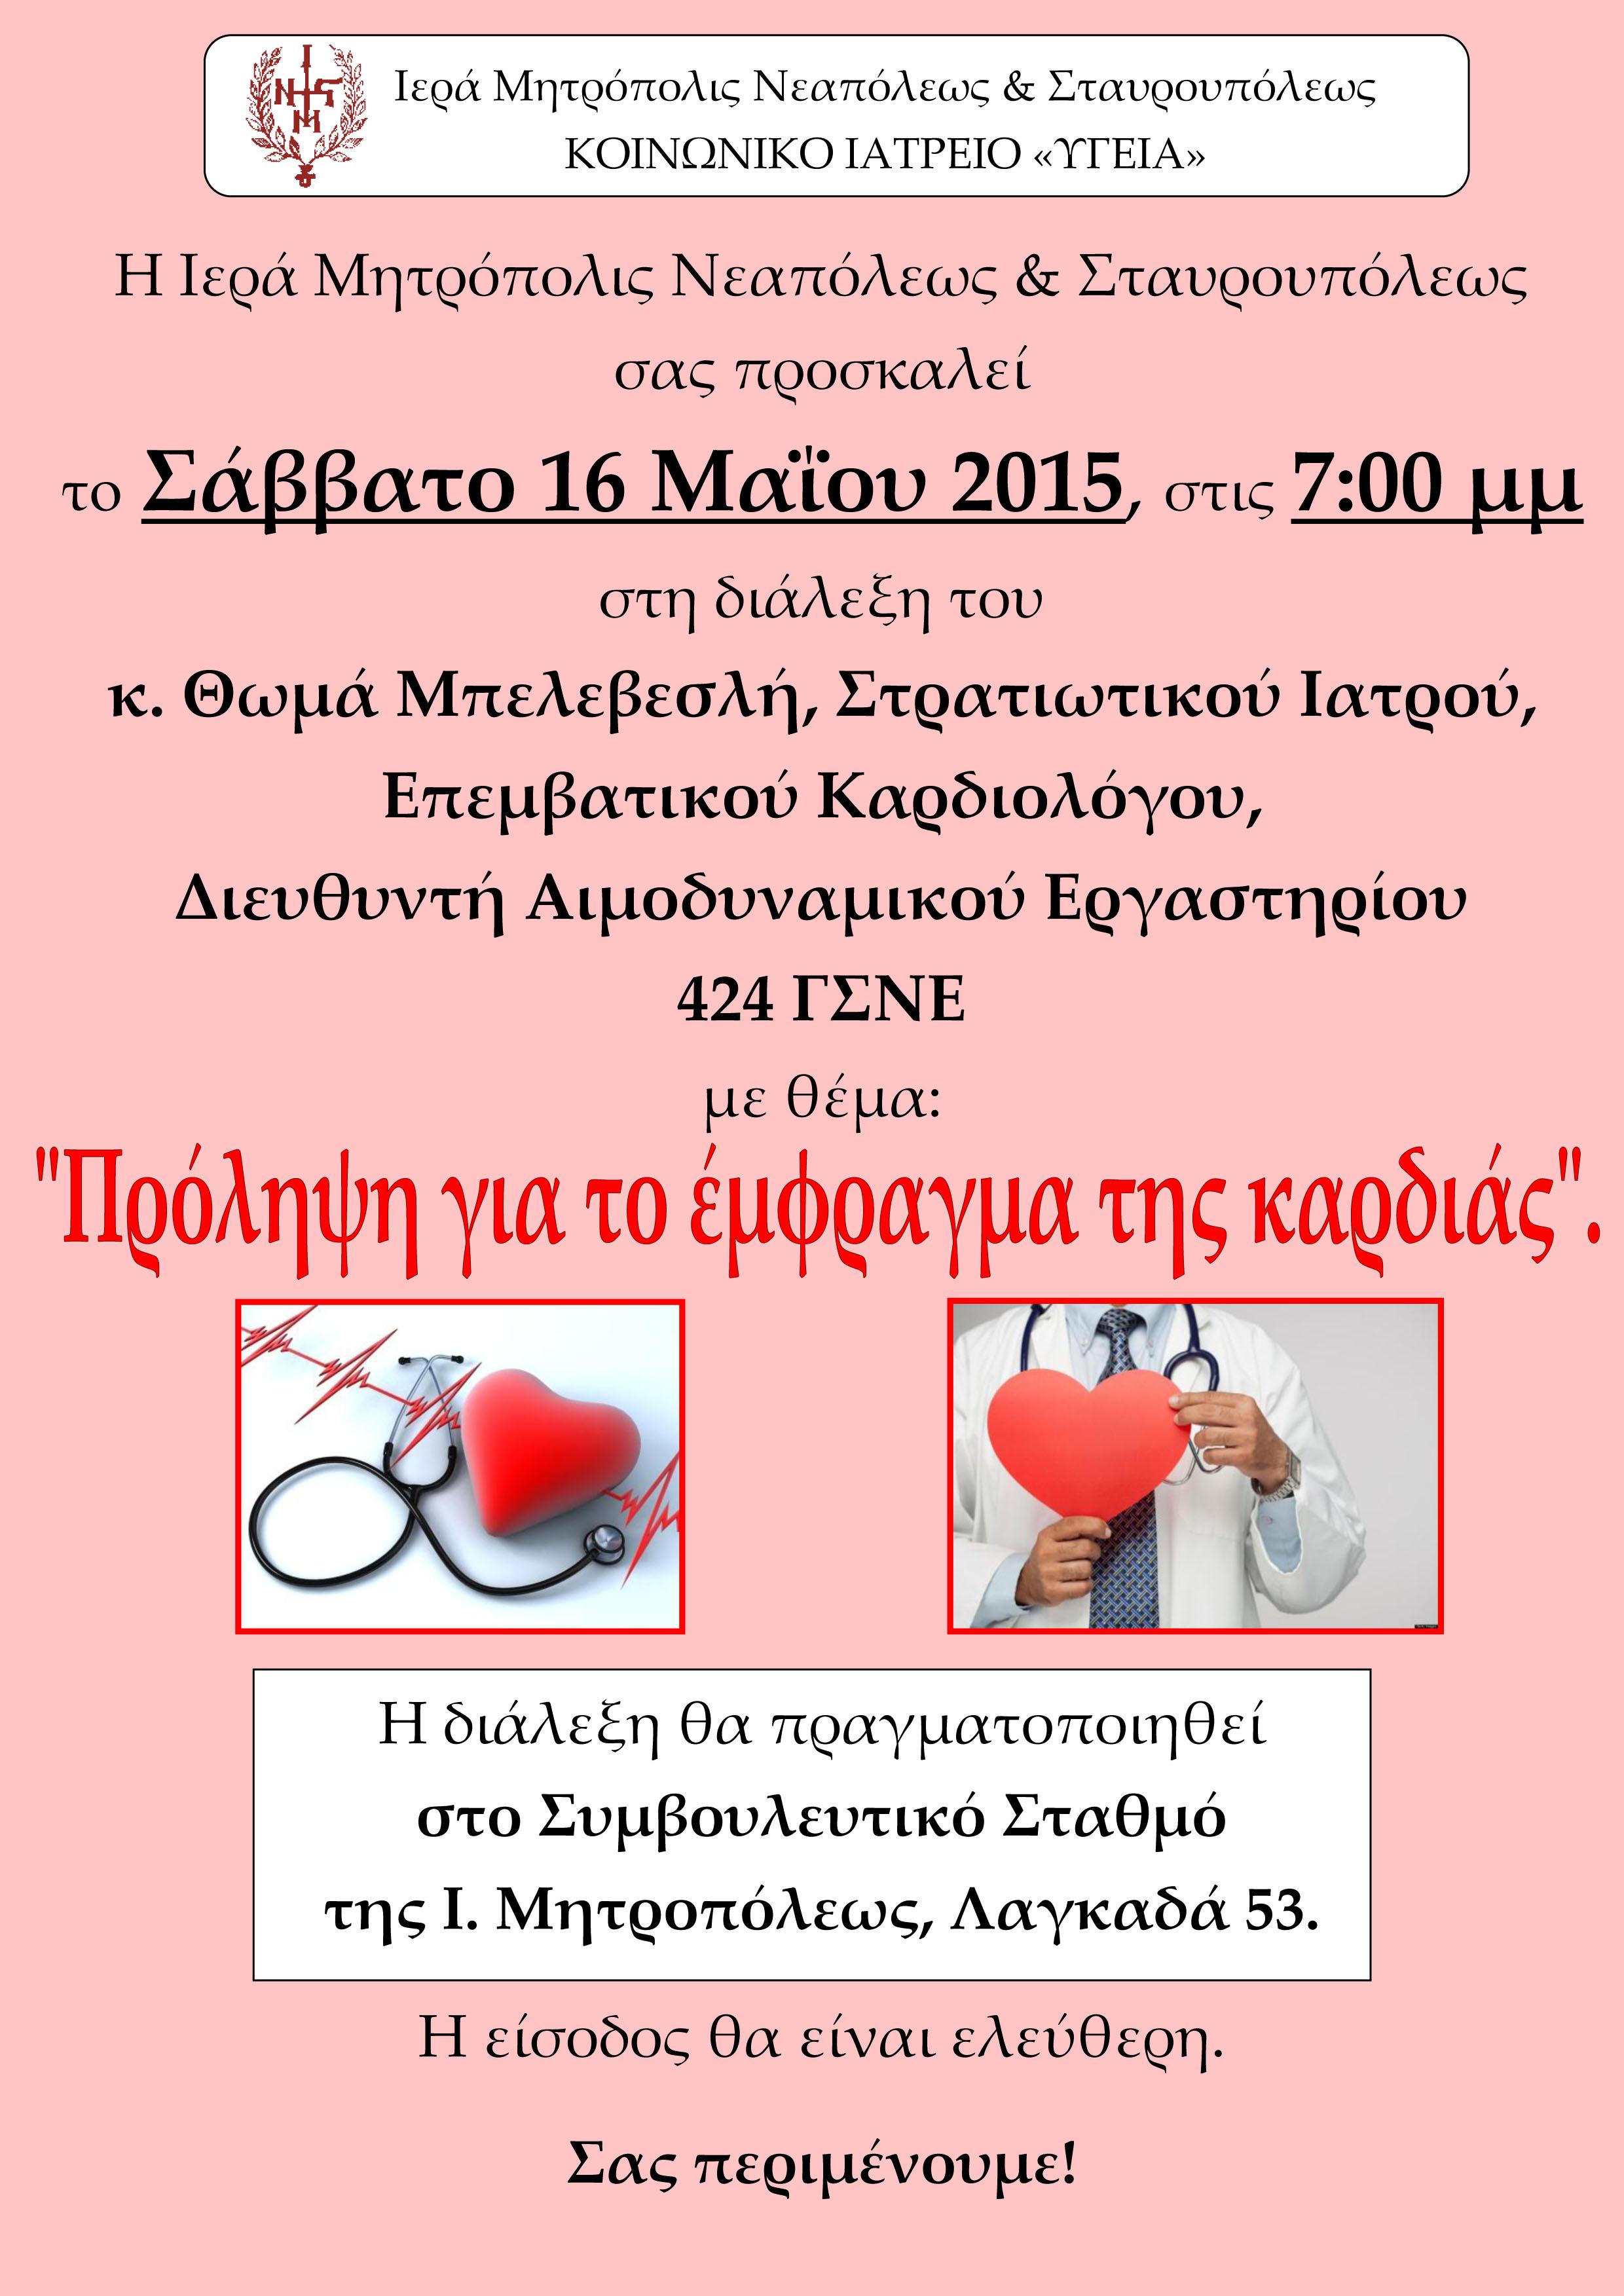 Πρόληψη για το έμφραγμα της καρδιάς αφίσα, μπελεβεσλησ, 16,5,2015